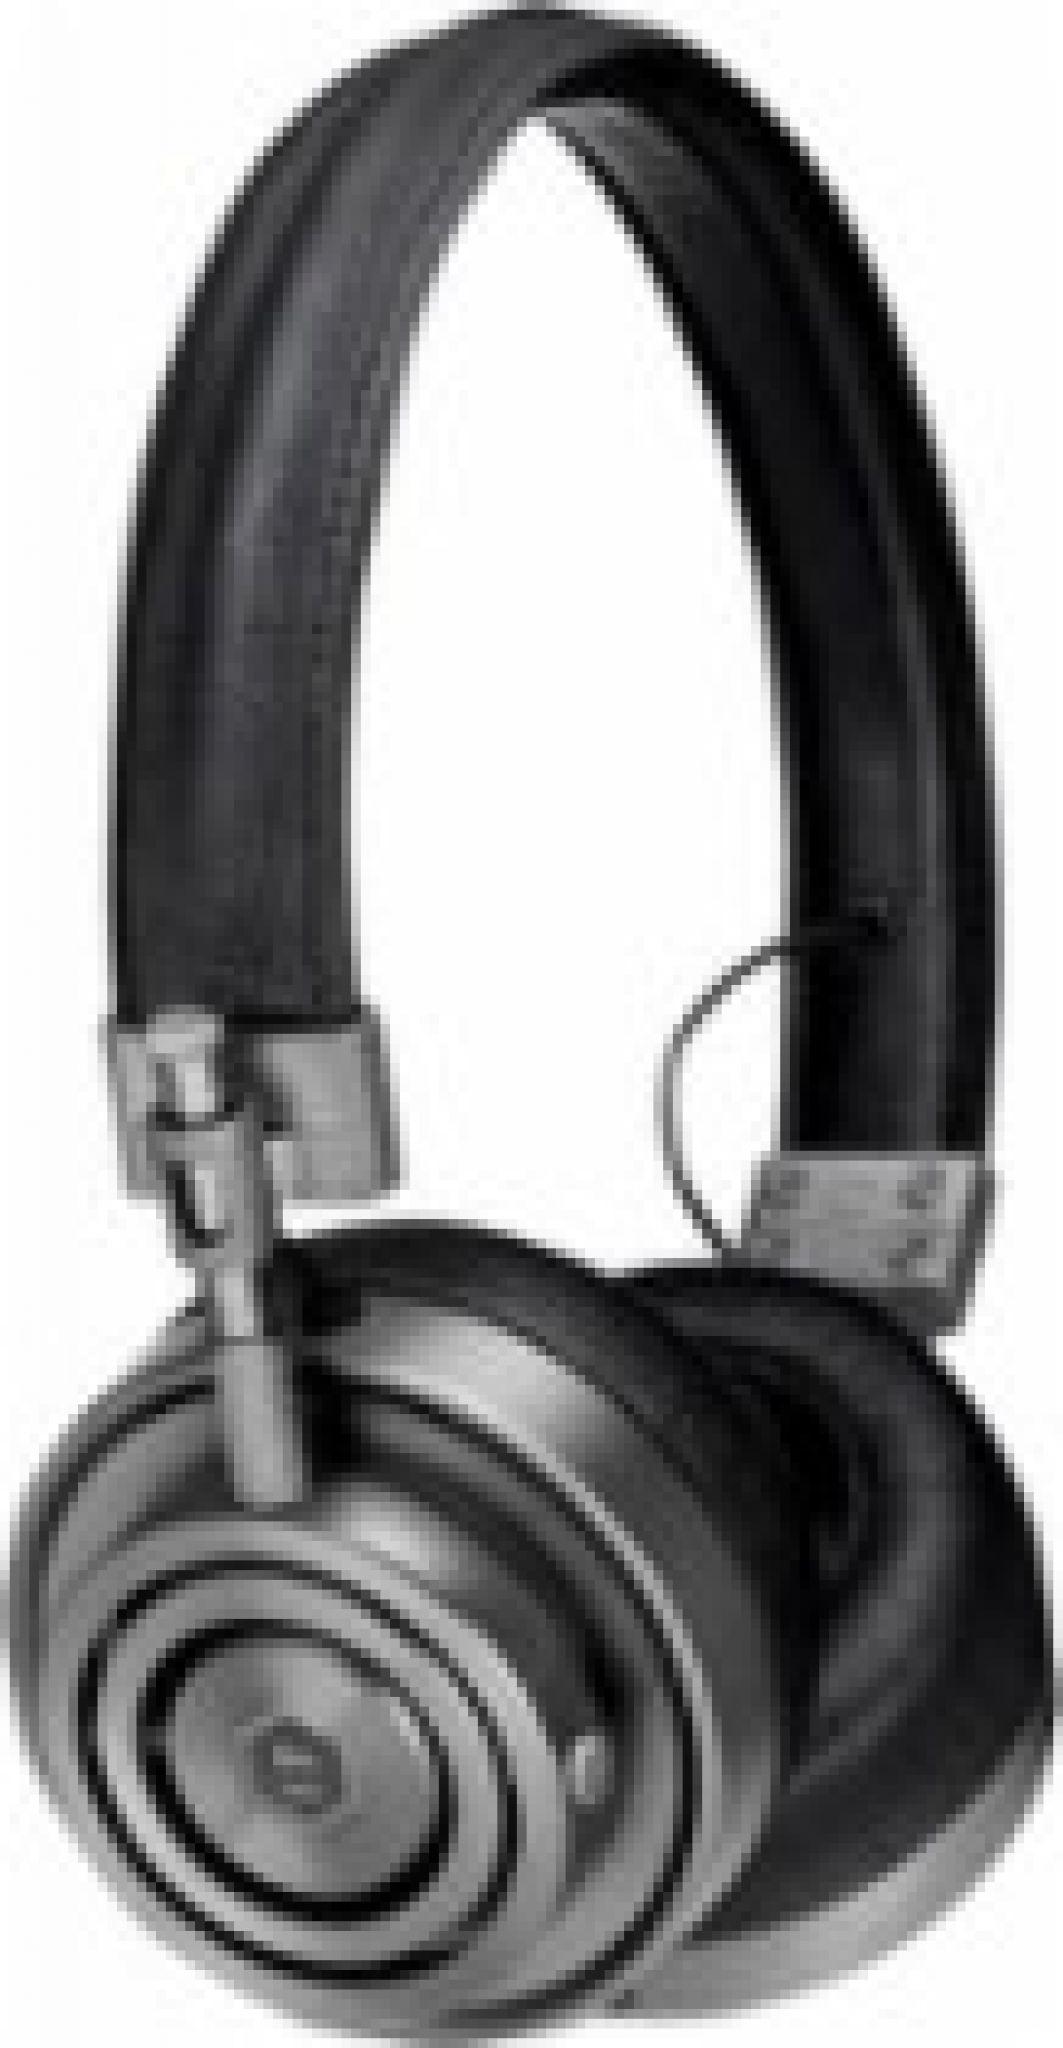 Master & Dynamic MH30 On-Ear Headphones Multi MH30G1 - Best Buy